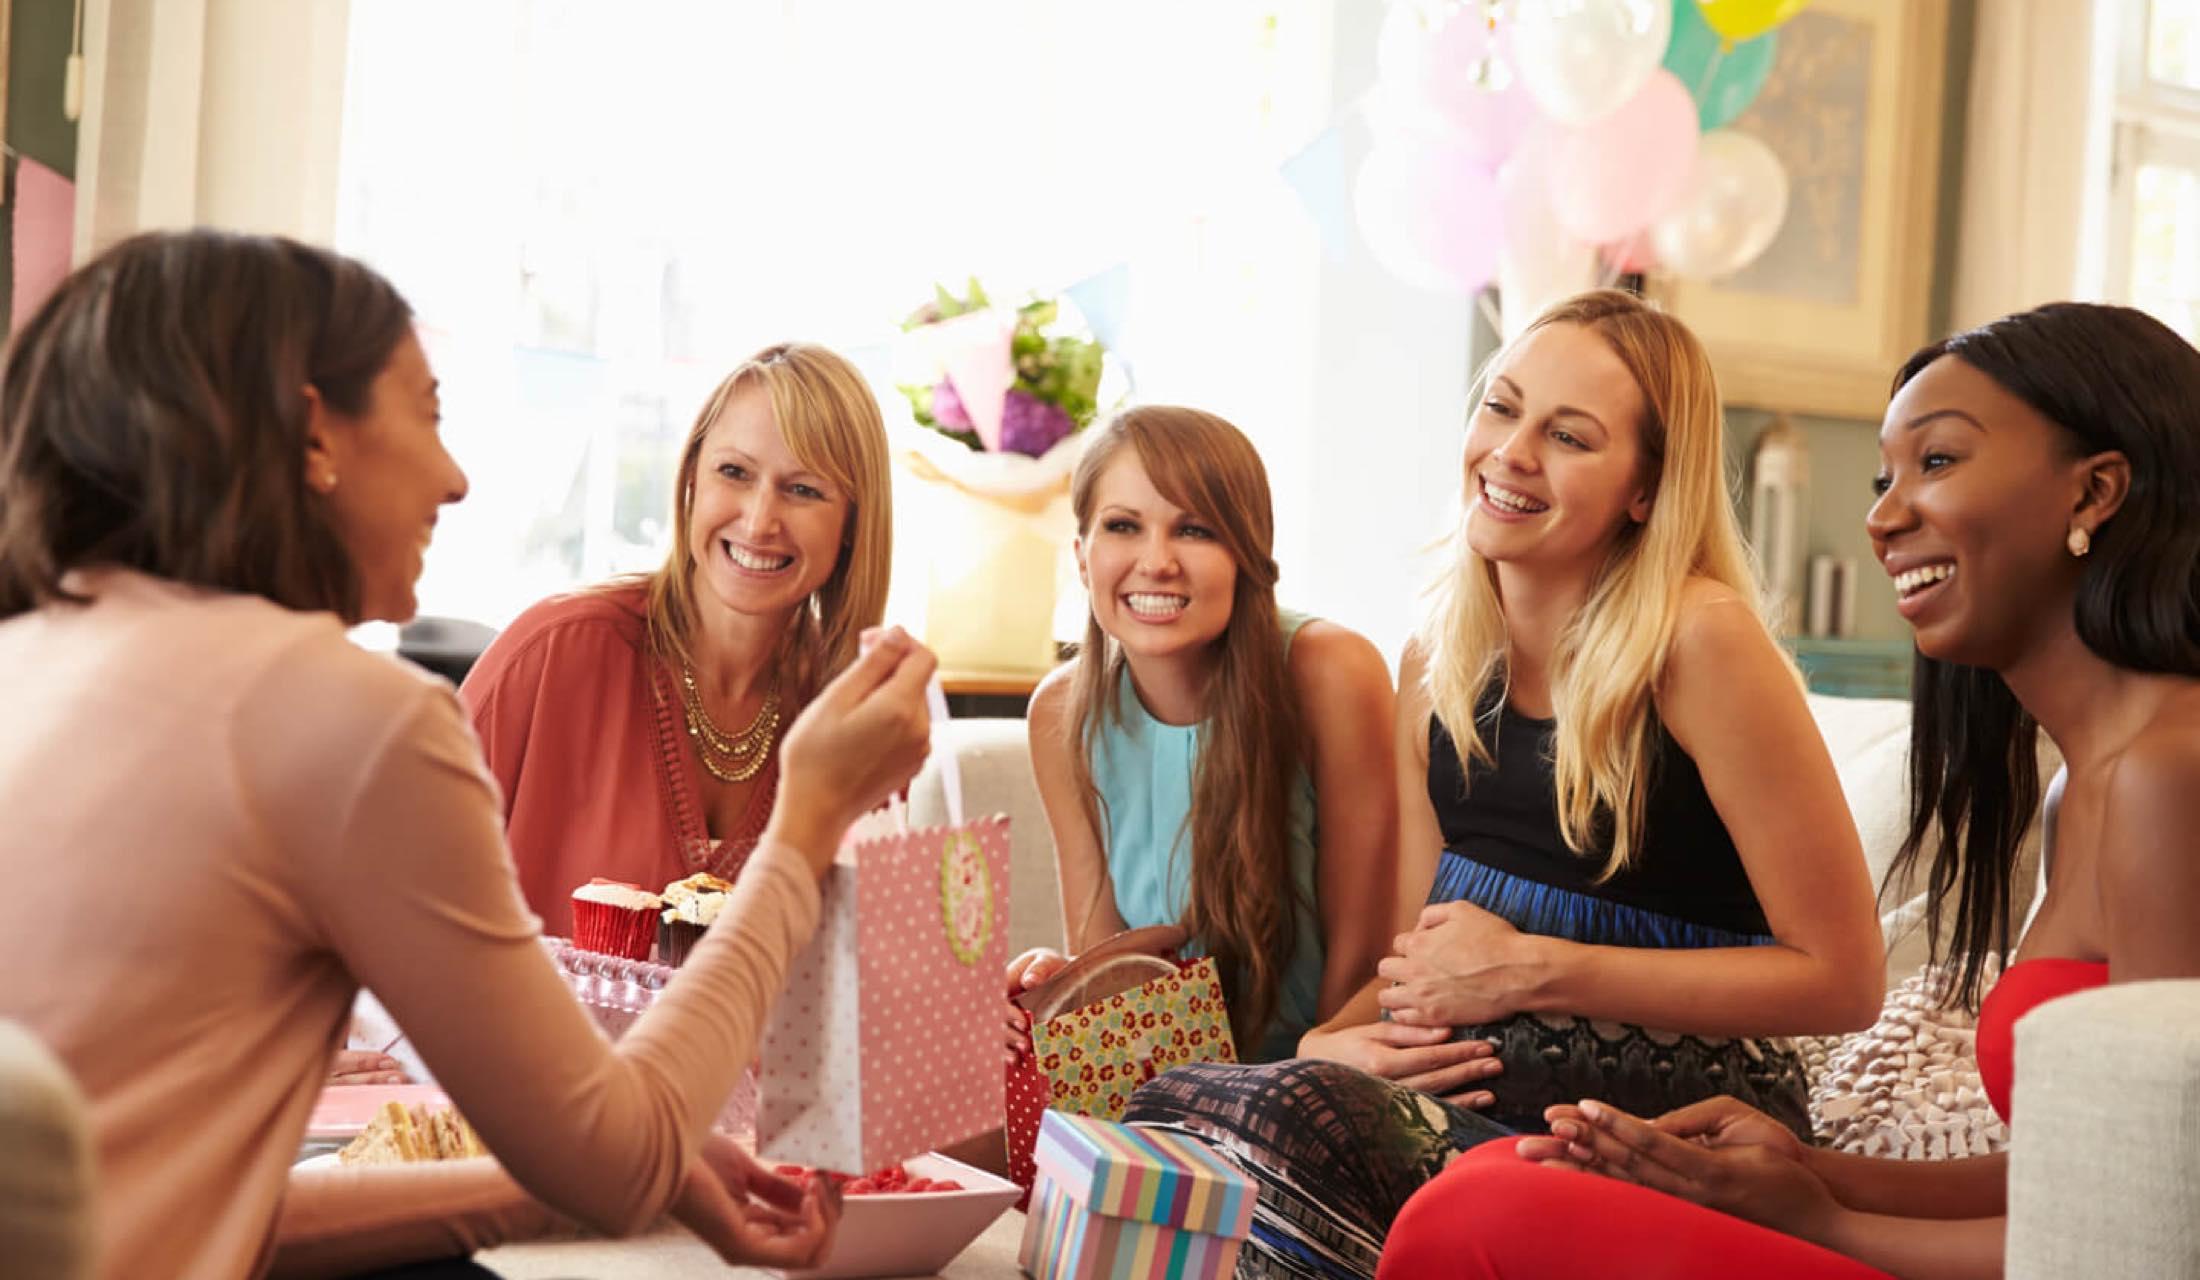 ホームパーティーで盛り上がる5人の女性